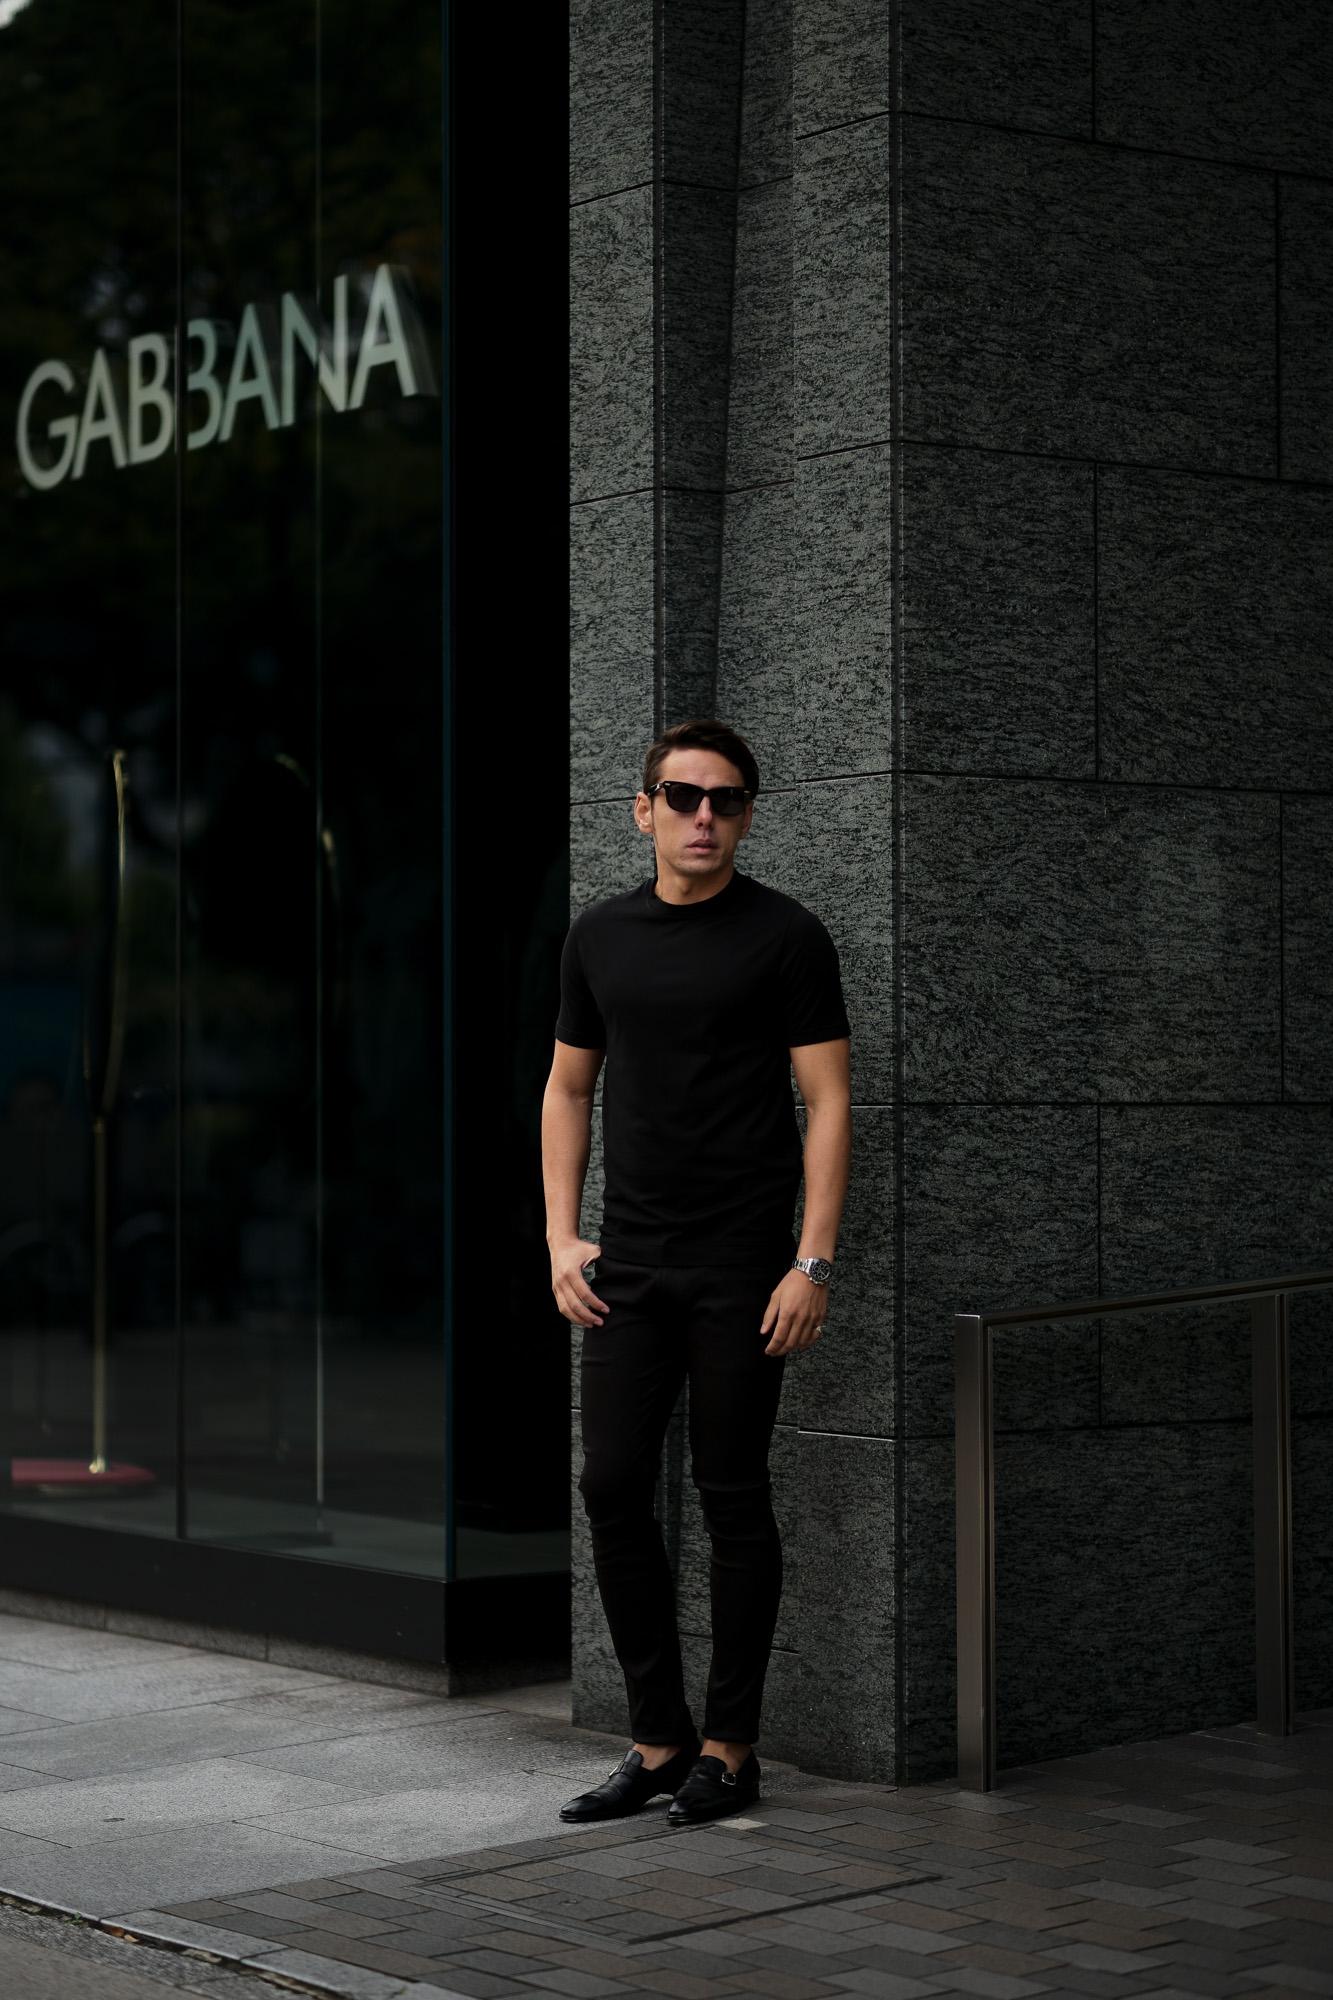 FEDELI(フェデリ) Crew Neck T-shirt (クルーネック Tシャツ) ギザコットン Tシャツ BLACK (ブラック・36) made in italy (イタリア製) 2021 春夏【ご予約受付中】 愛知 名古屋 altoediritto アルトエデリット スペシャルモデル TEE 半袖Tシャツ